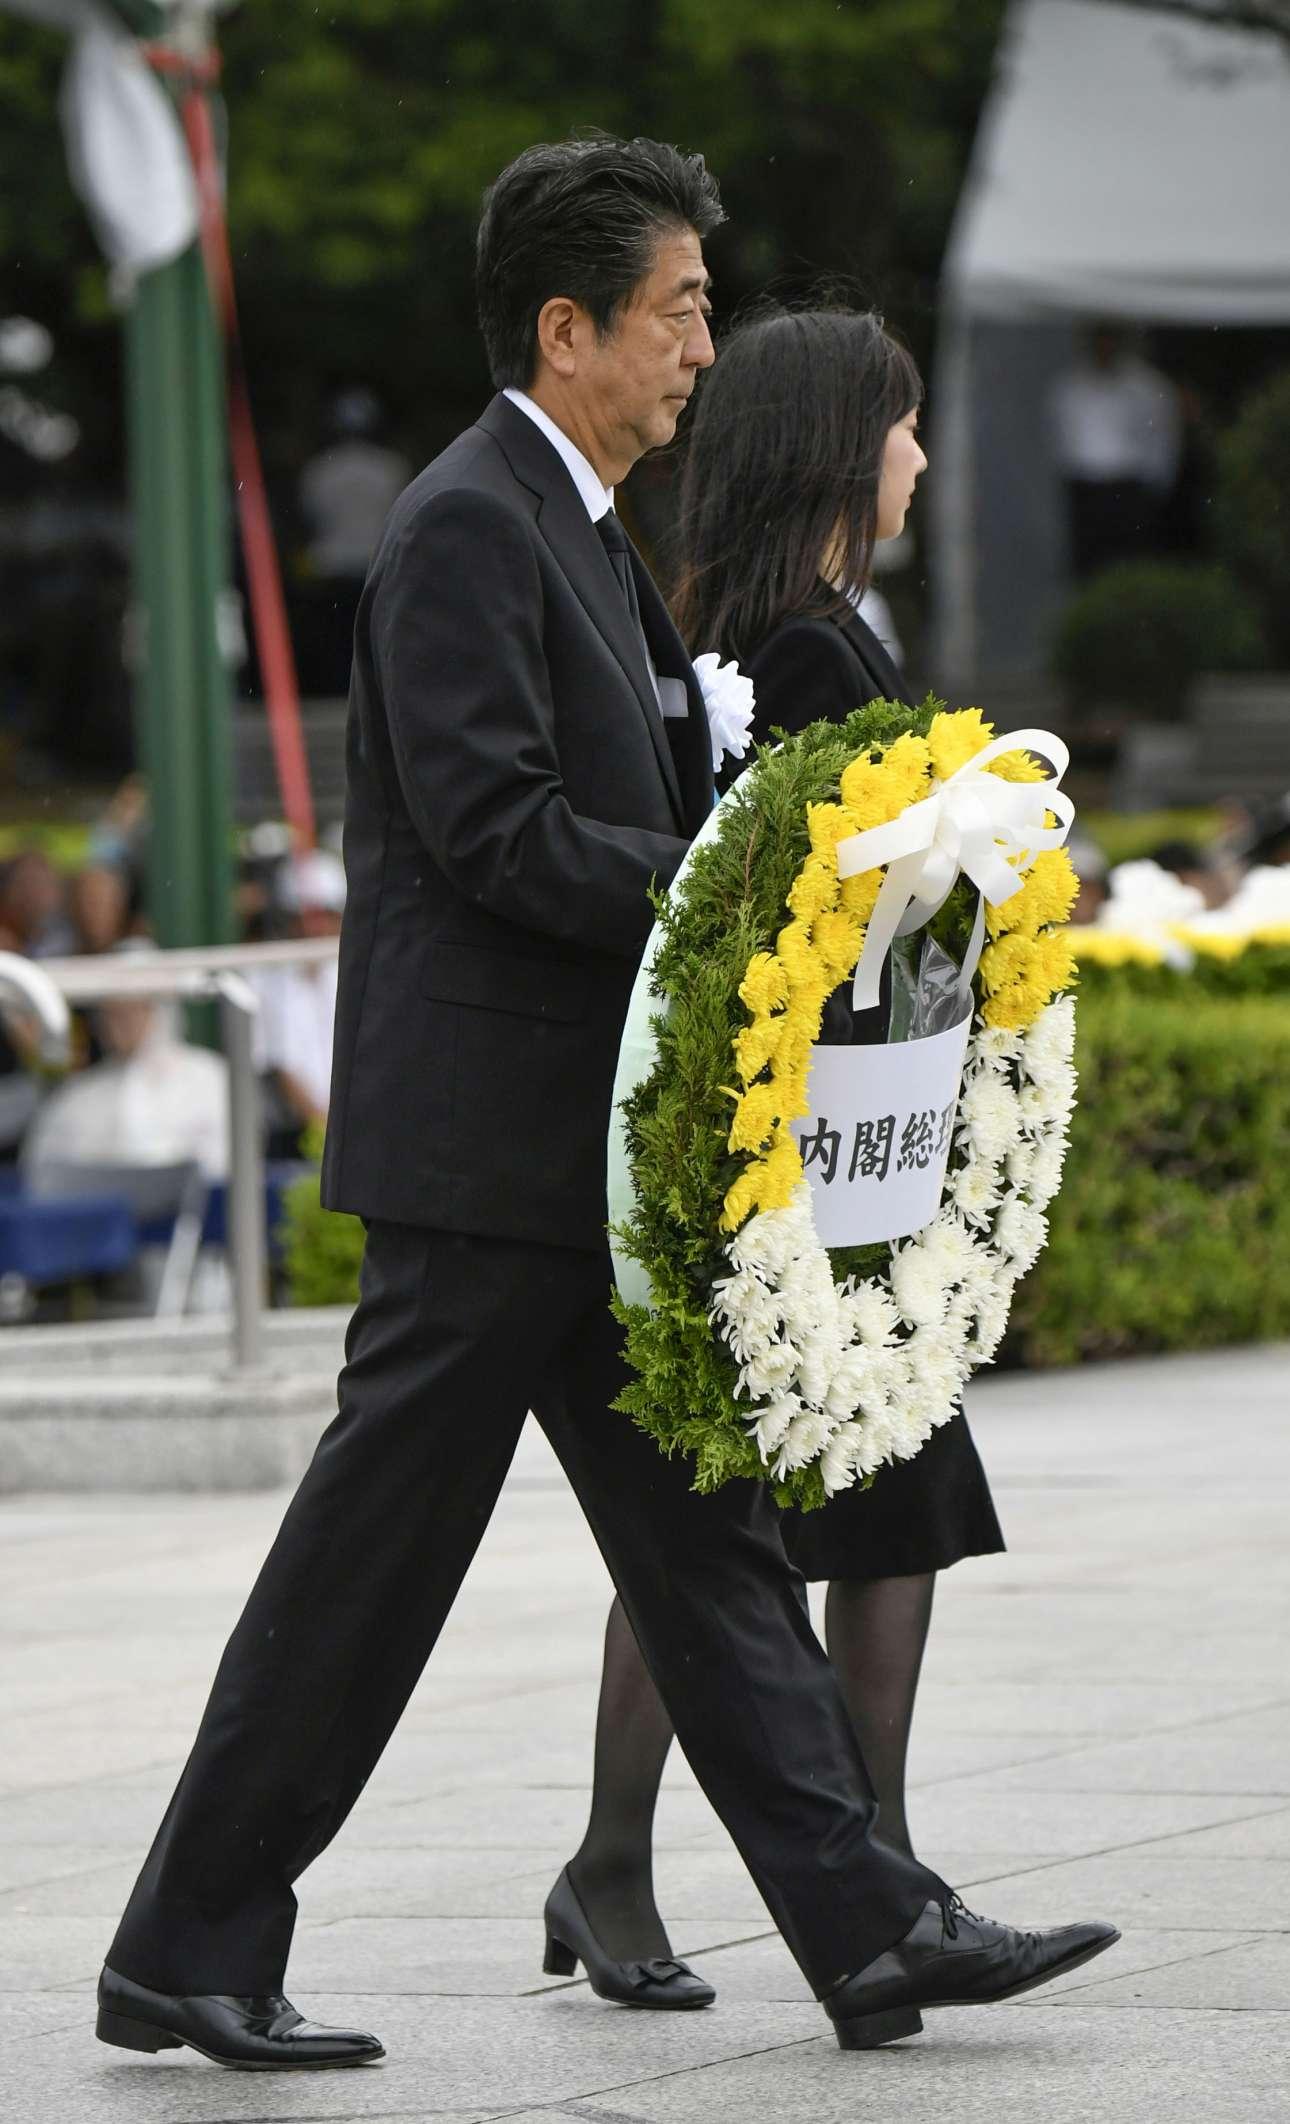 Ο πρωθυπουργός της Ιαπωνίας Σίνζο Αμπε καταθέτει στεφάνι στη μνήμη των νεκρών